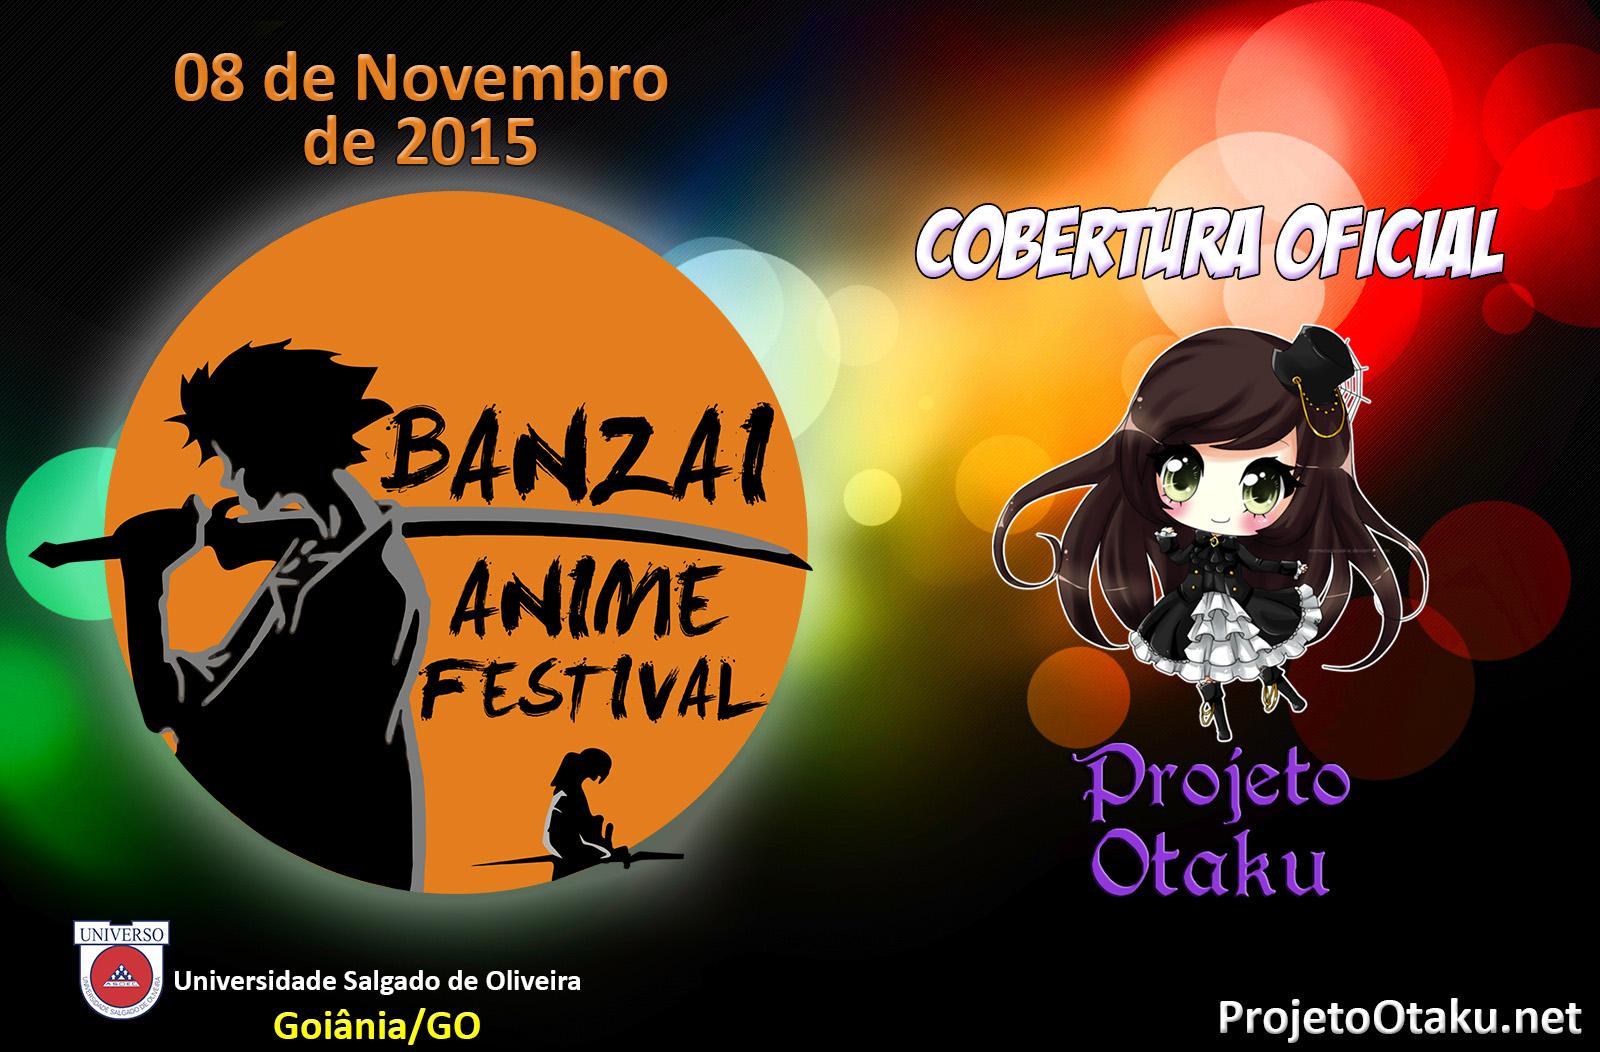 Banzai Anime Festival